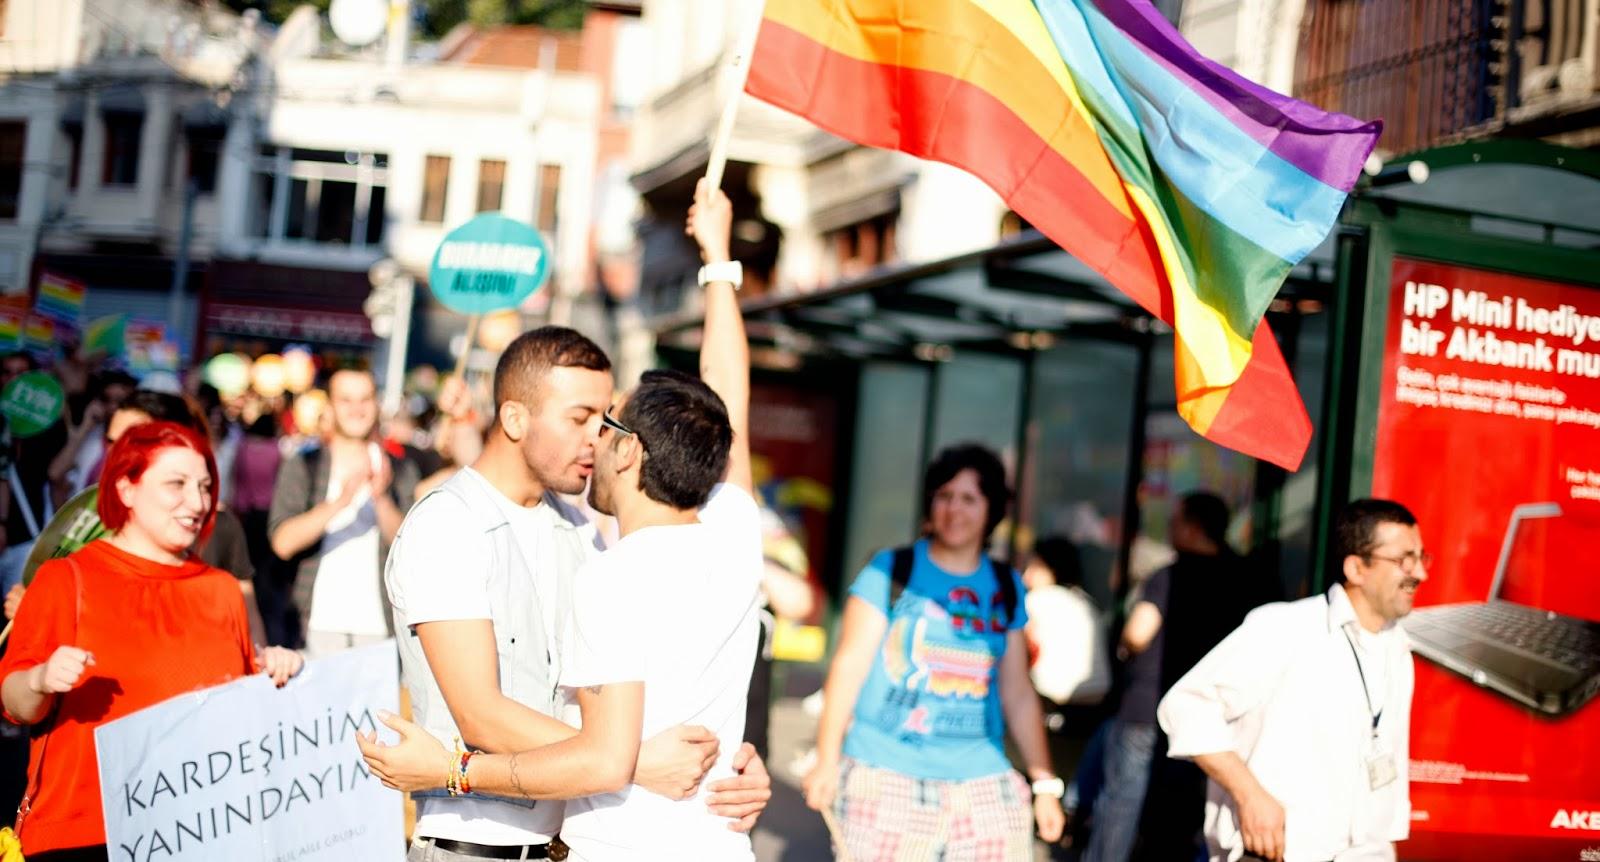 Onur Yürüyüşlerine Katılacak Heteroseksüeller İçin '12' İpucu